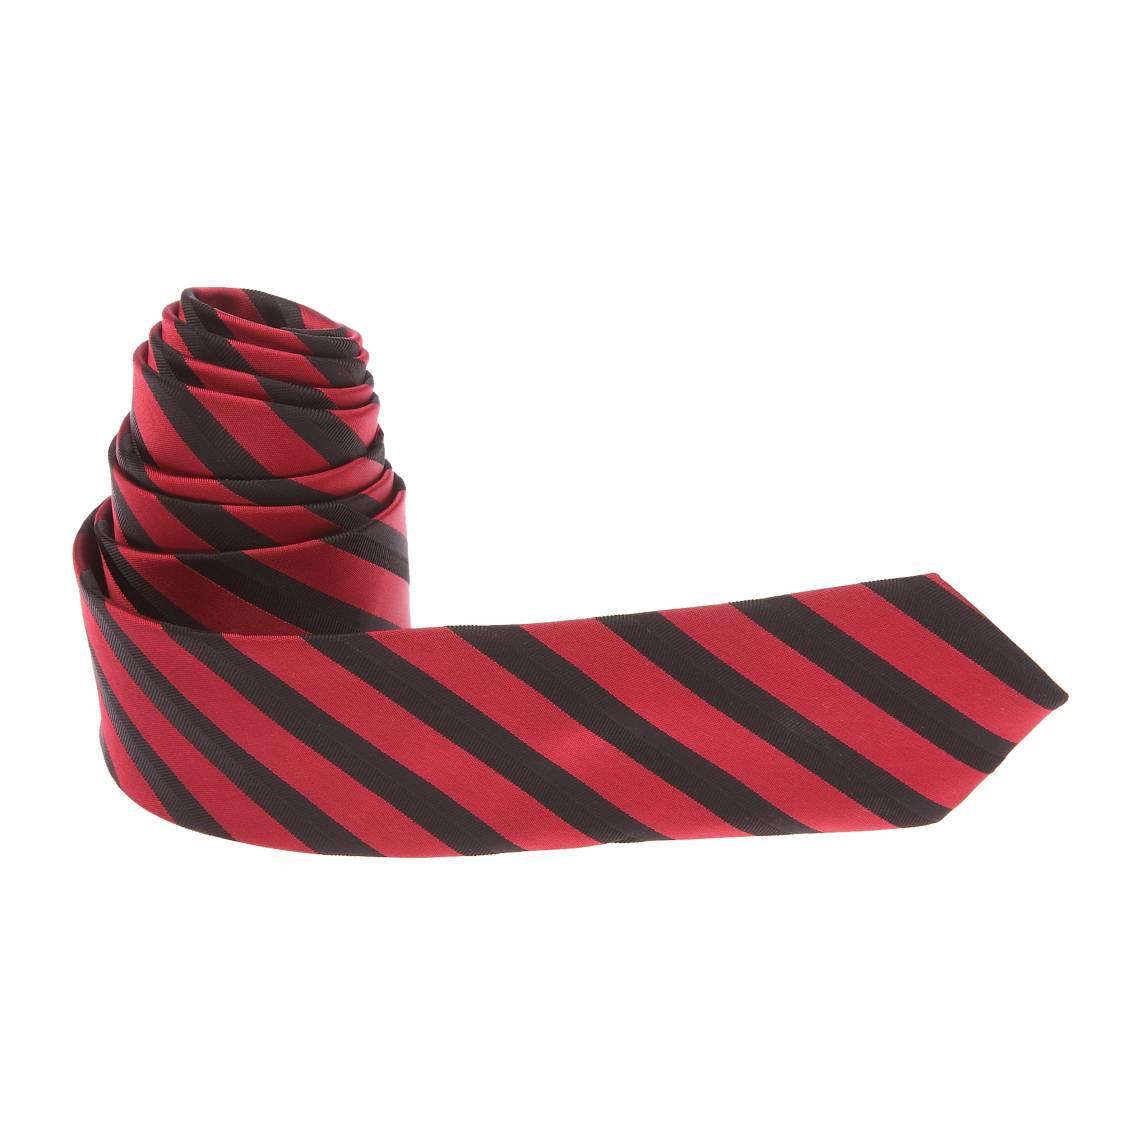 cravate-a-rayures-obliques-rouges-et-noires